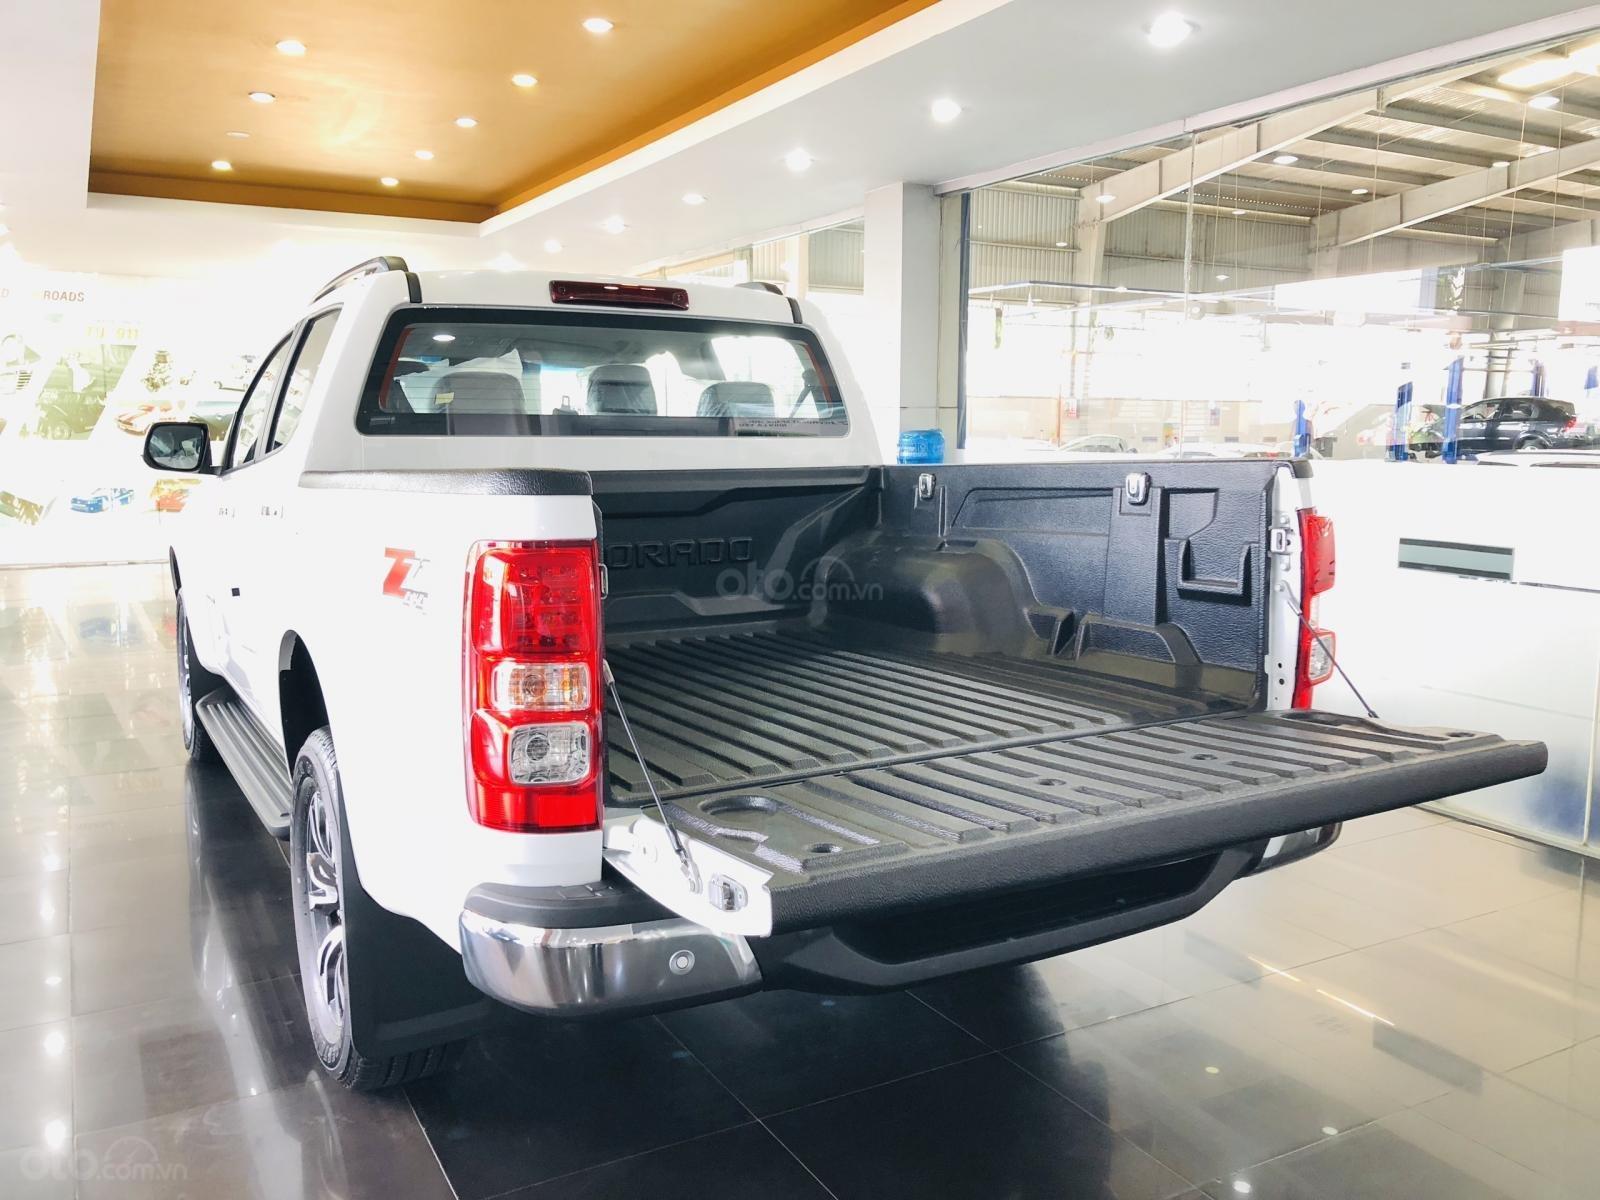 Bán Chevrolet Colorado nhập khẩu, 90Tr nhận xe, có bán trả góp, khuyến mãi lớn trong tháng-5